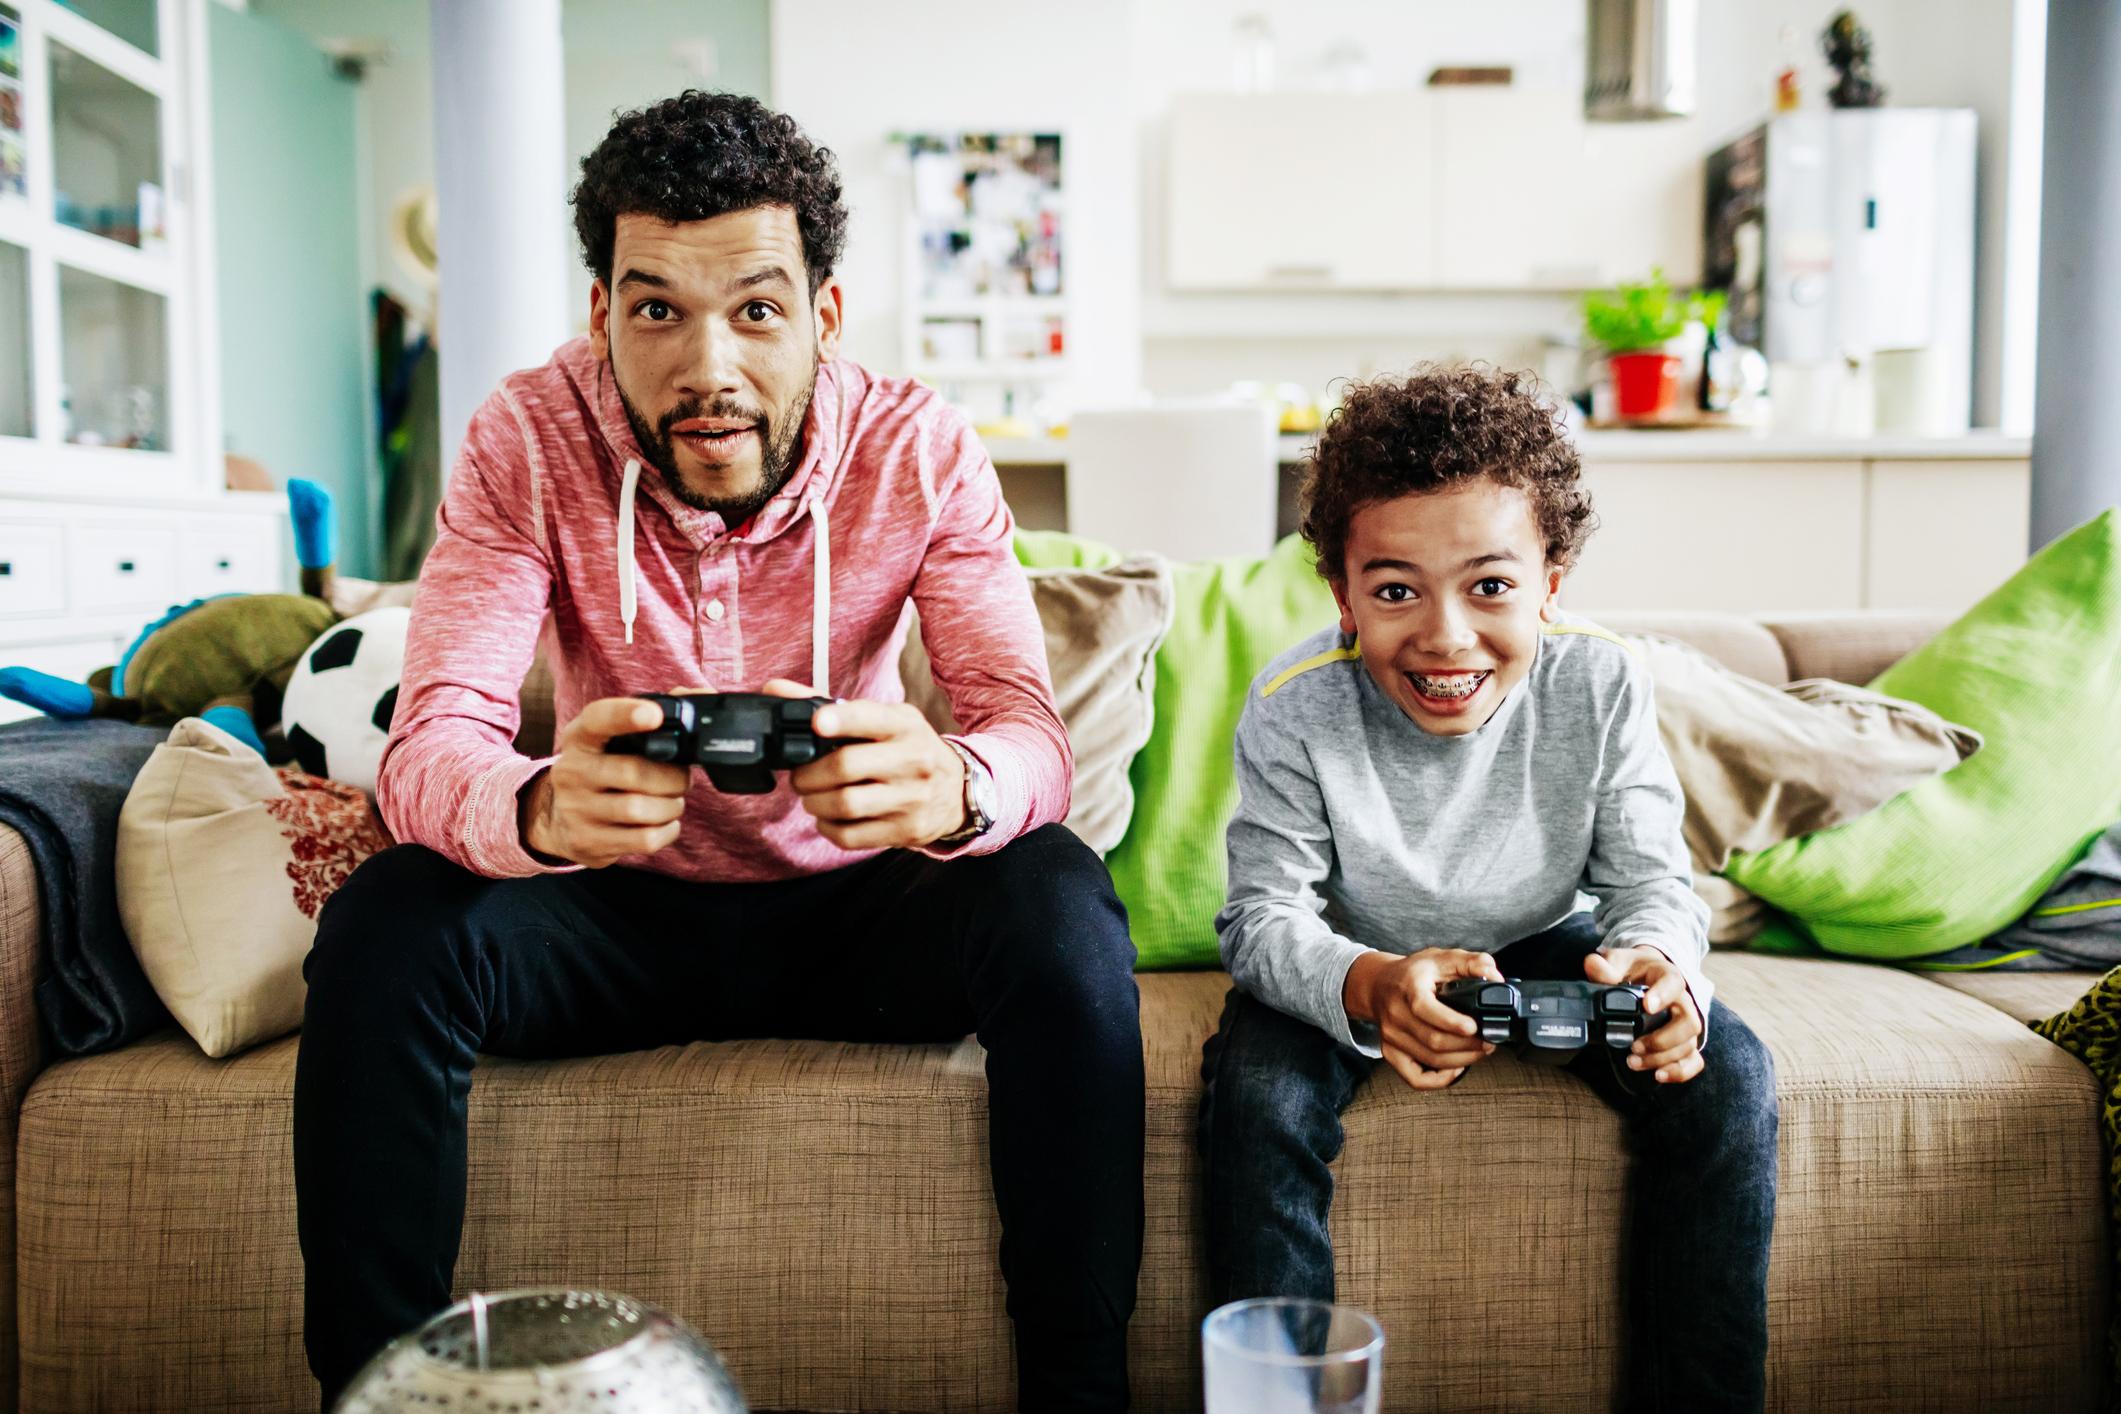 Volwassenen spelen te weinig en dat is zonde